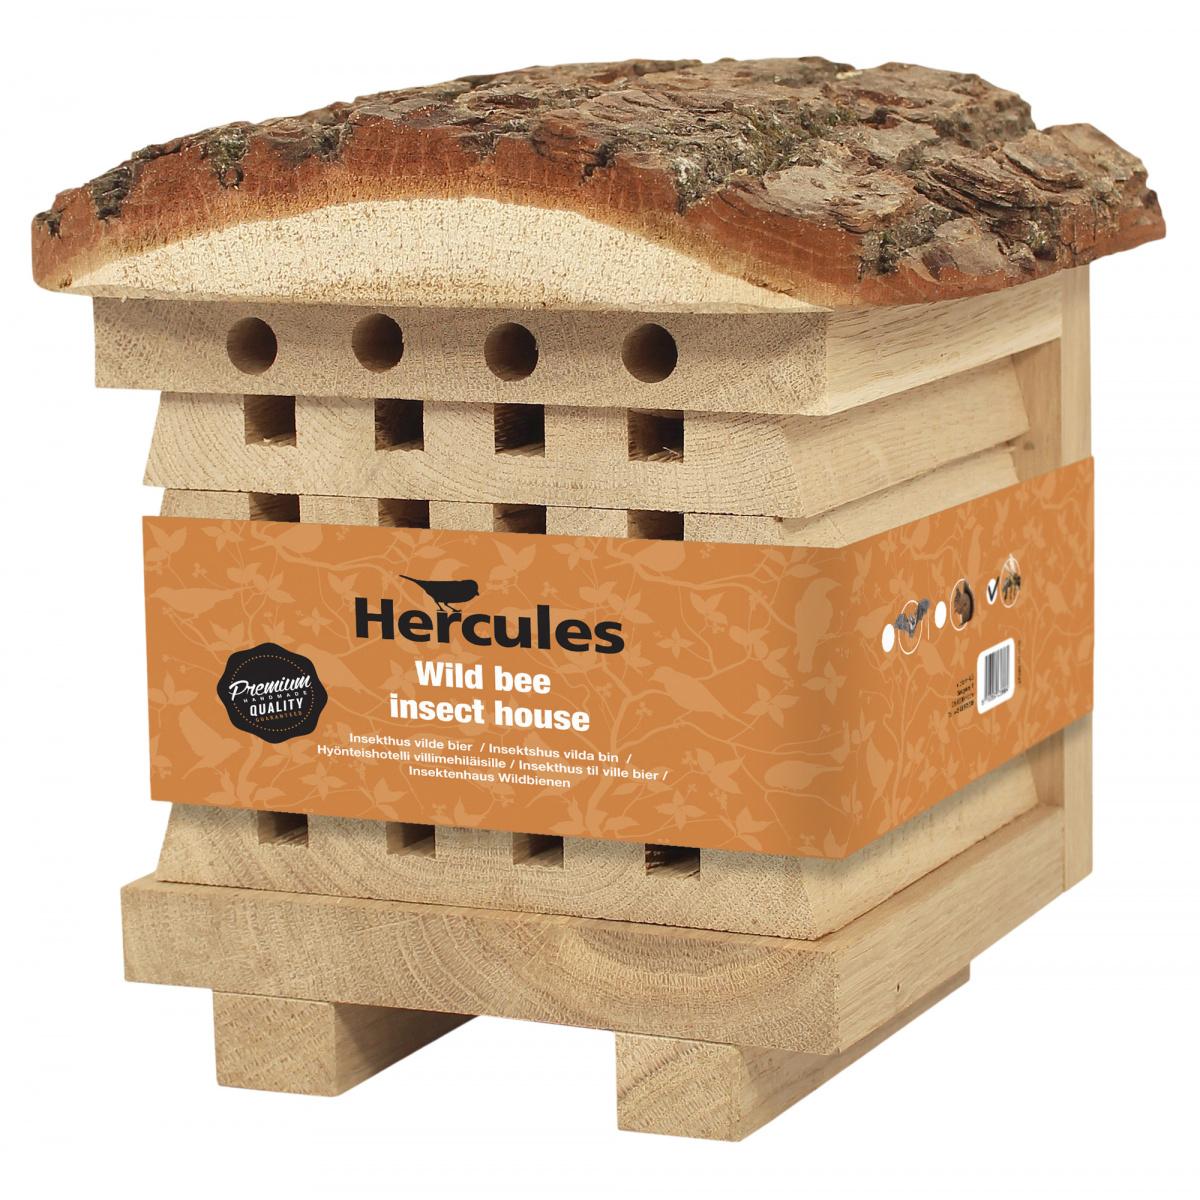 Hercules insekthus